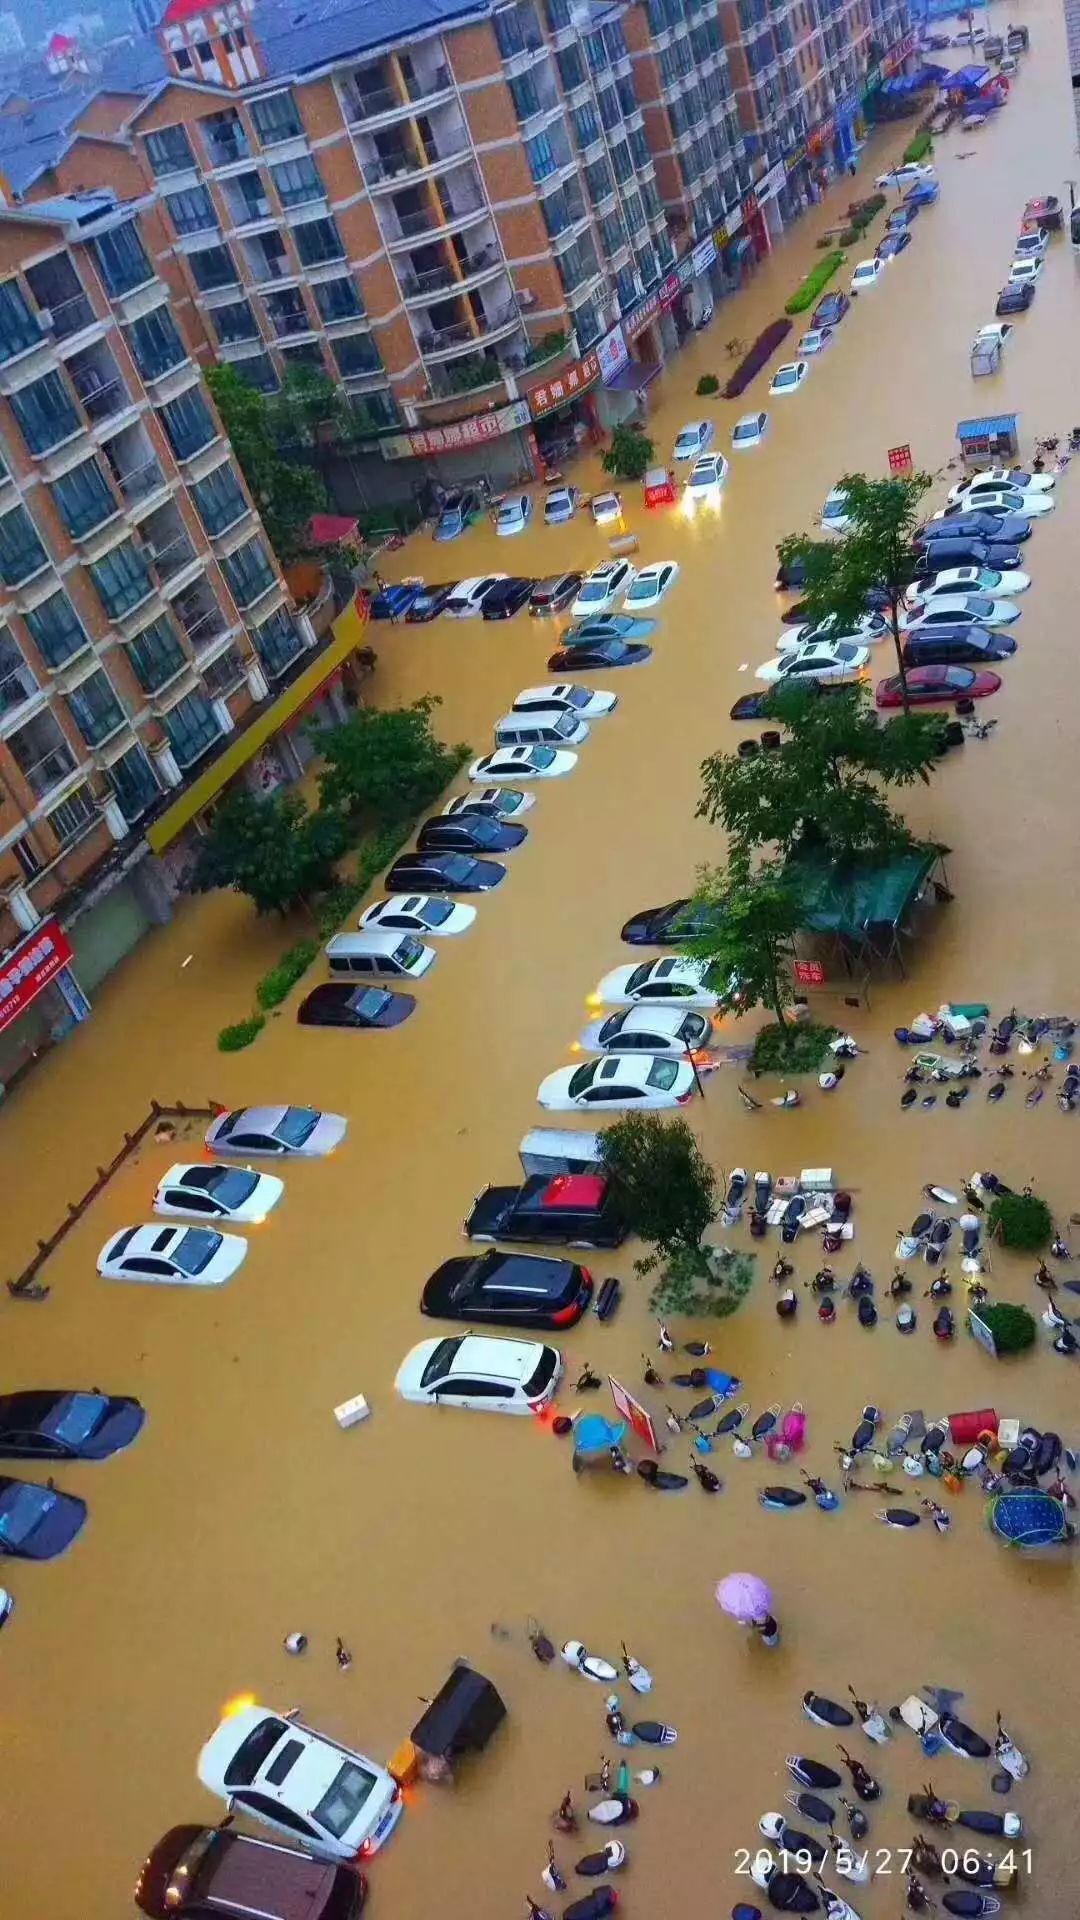 可怕!今早东莞多地严重水浸!未来几天将发生暴雨到大暴雨+8级大风………插图4